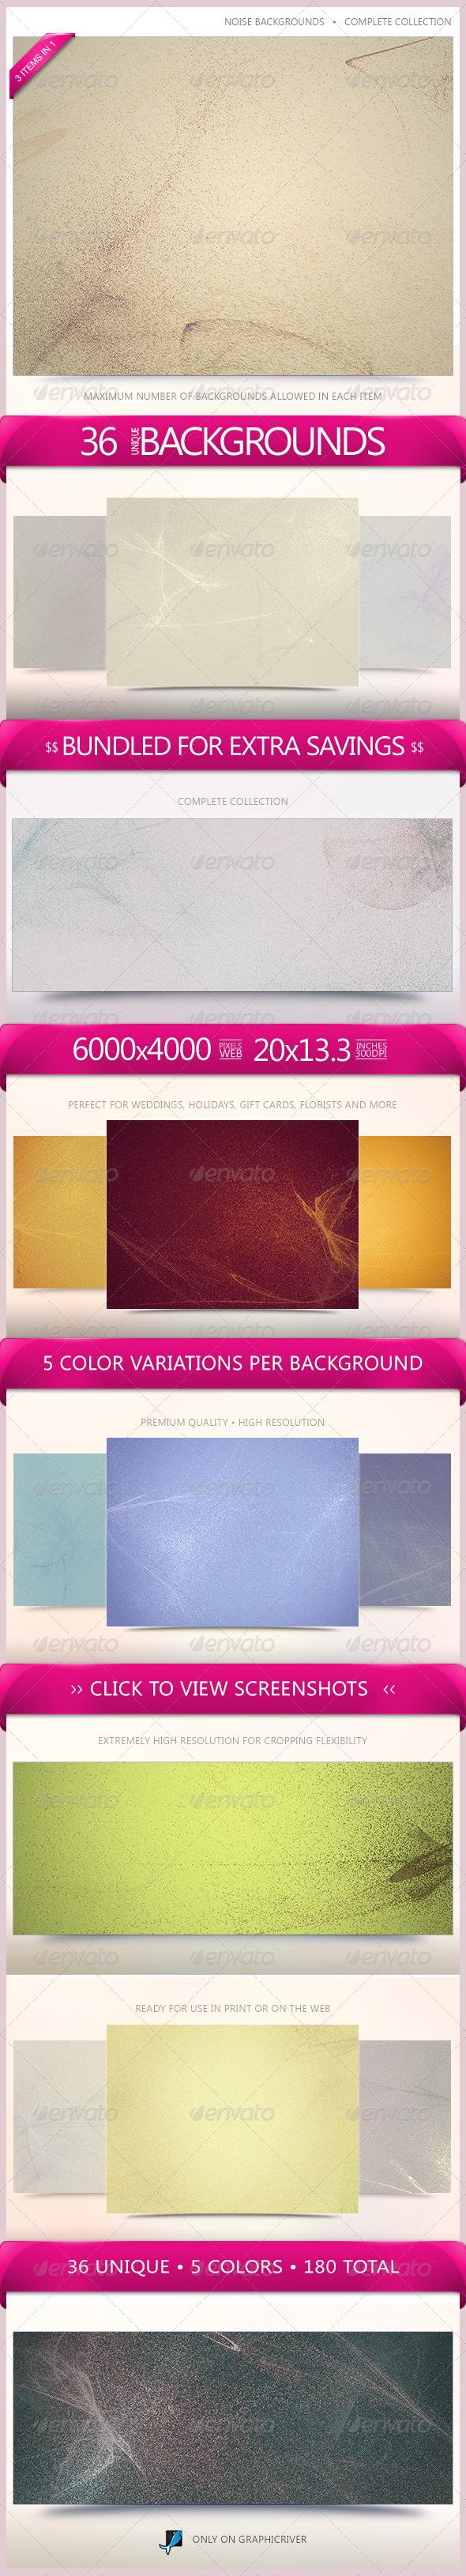 GraphicRiver Noise Backgrounds Bundle 6523027